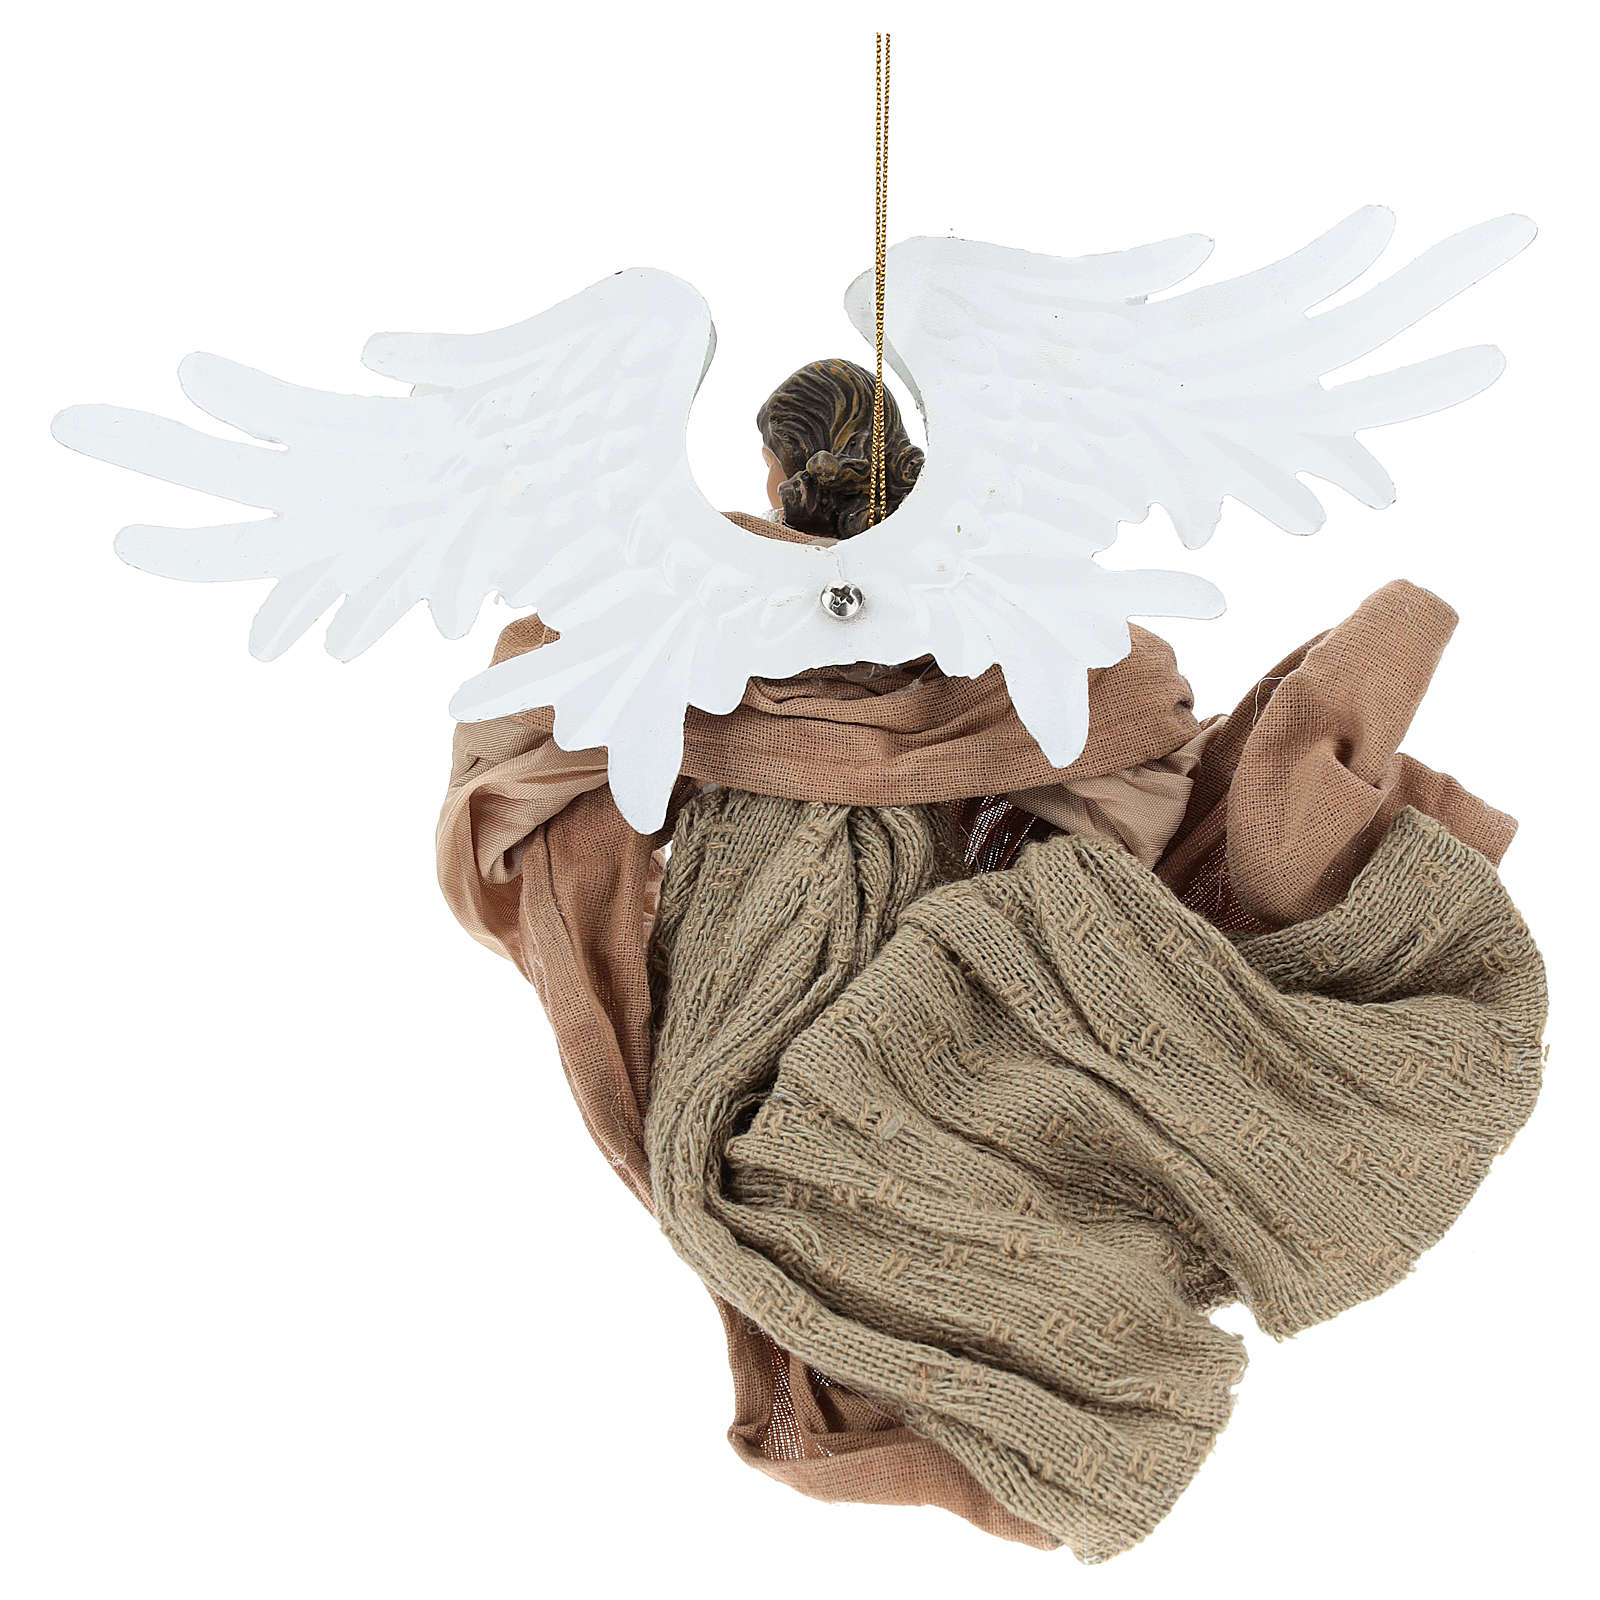 Ángel que vuela resina 20 cm mirada hacia la derecha 3